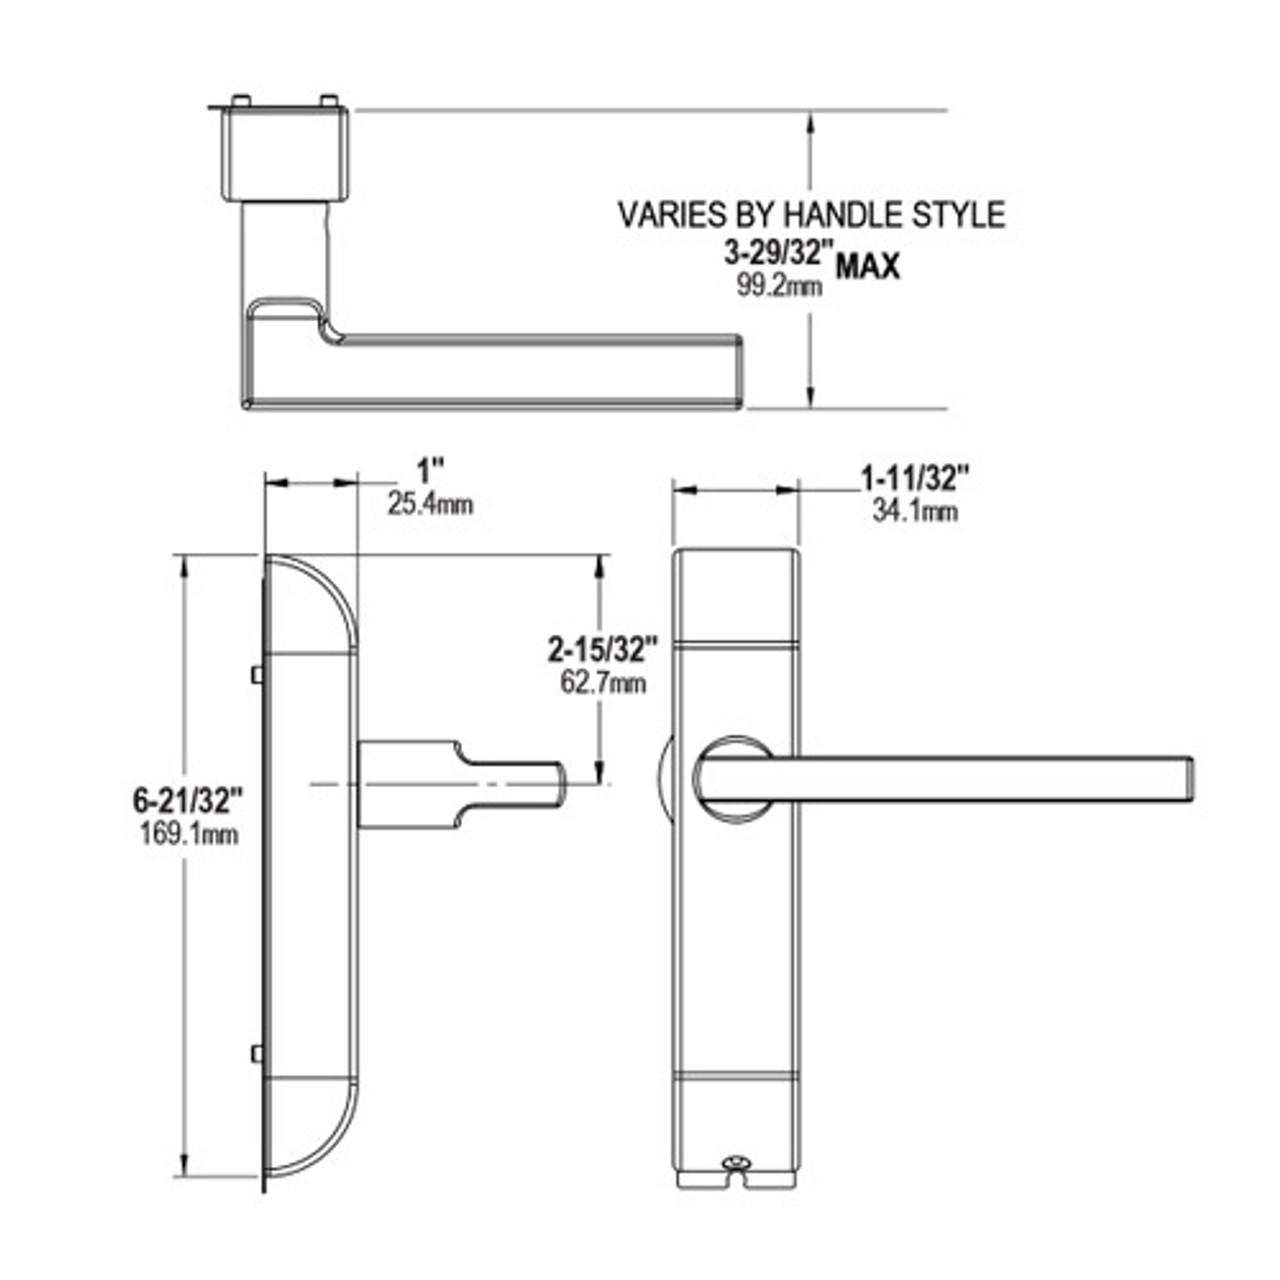 4600M-ME-621-US3 Adams Rite ME Designer handle Dimensional View